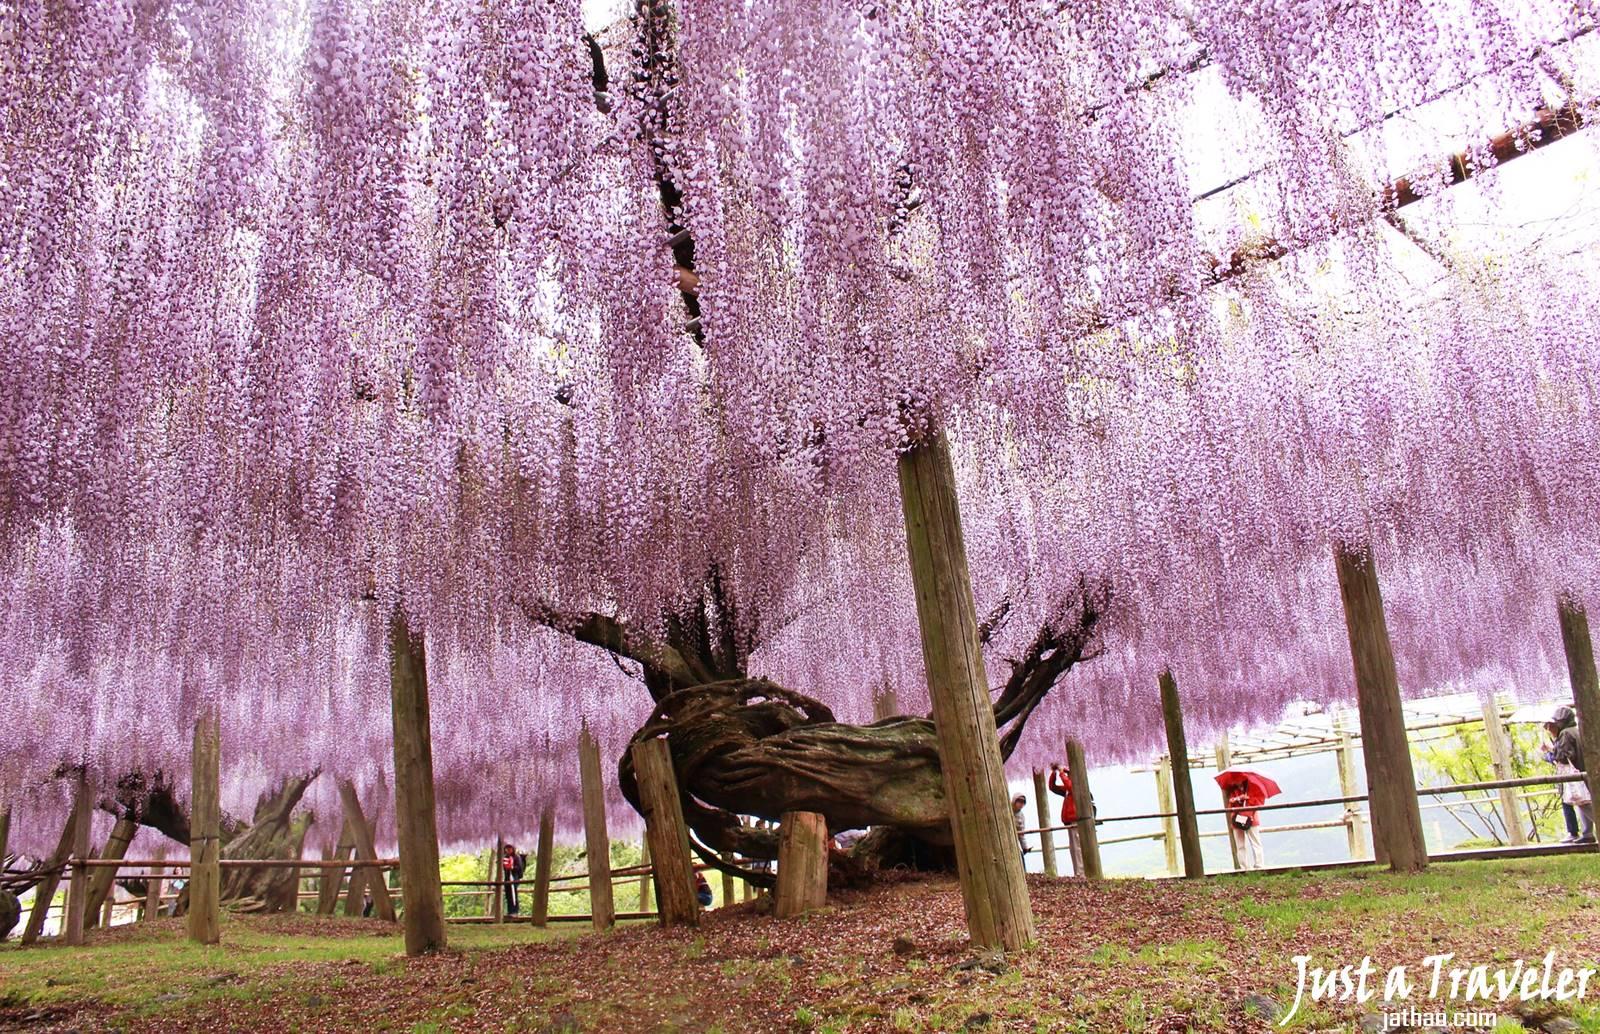 福岡-景點-推薦-河內藤園-福岡好玩景點-福岡必玩景點-福岡必去景點-福岡自由行景點-攻略-市區-郊區-旅遊-行程-Fukuoka-Tourist-Attraction